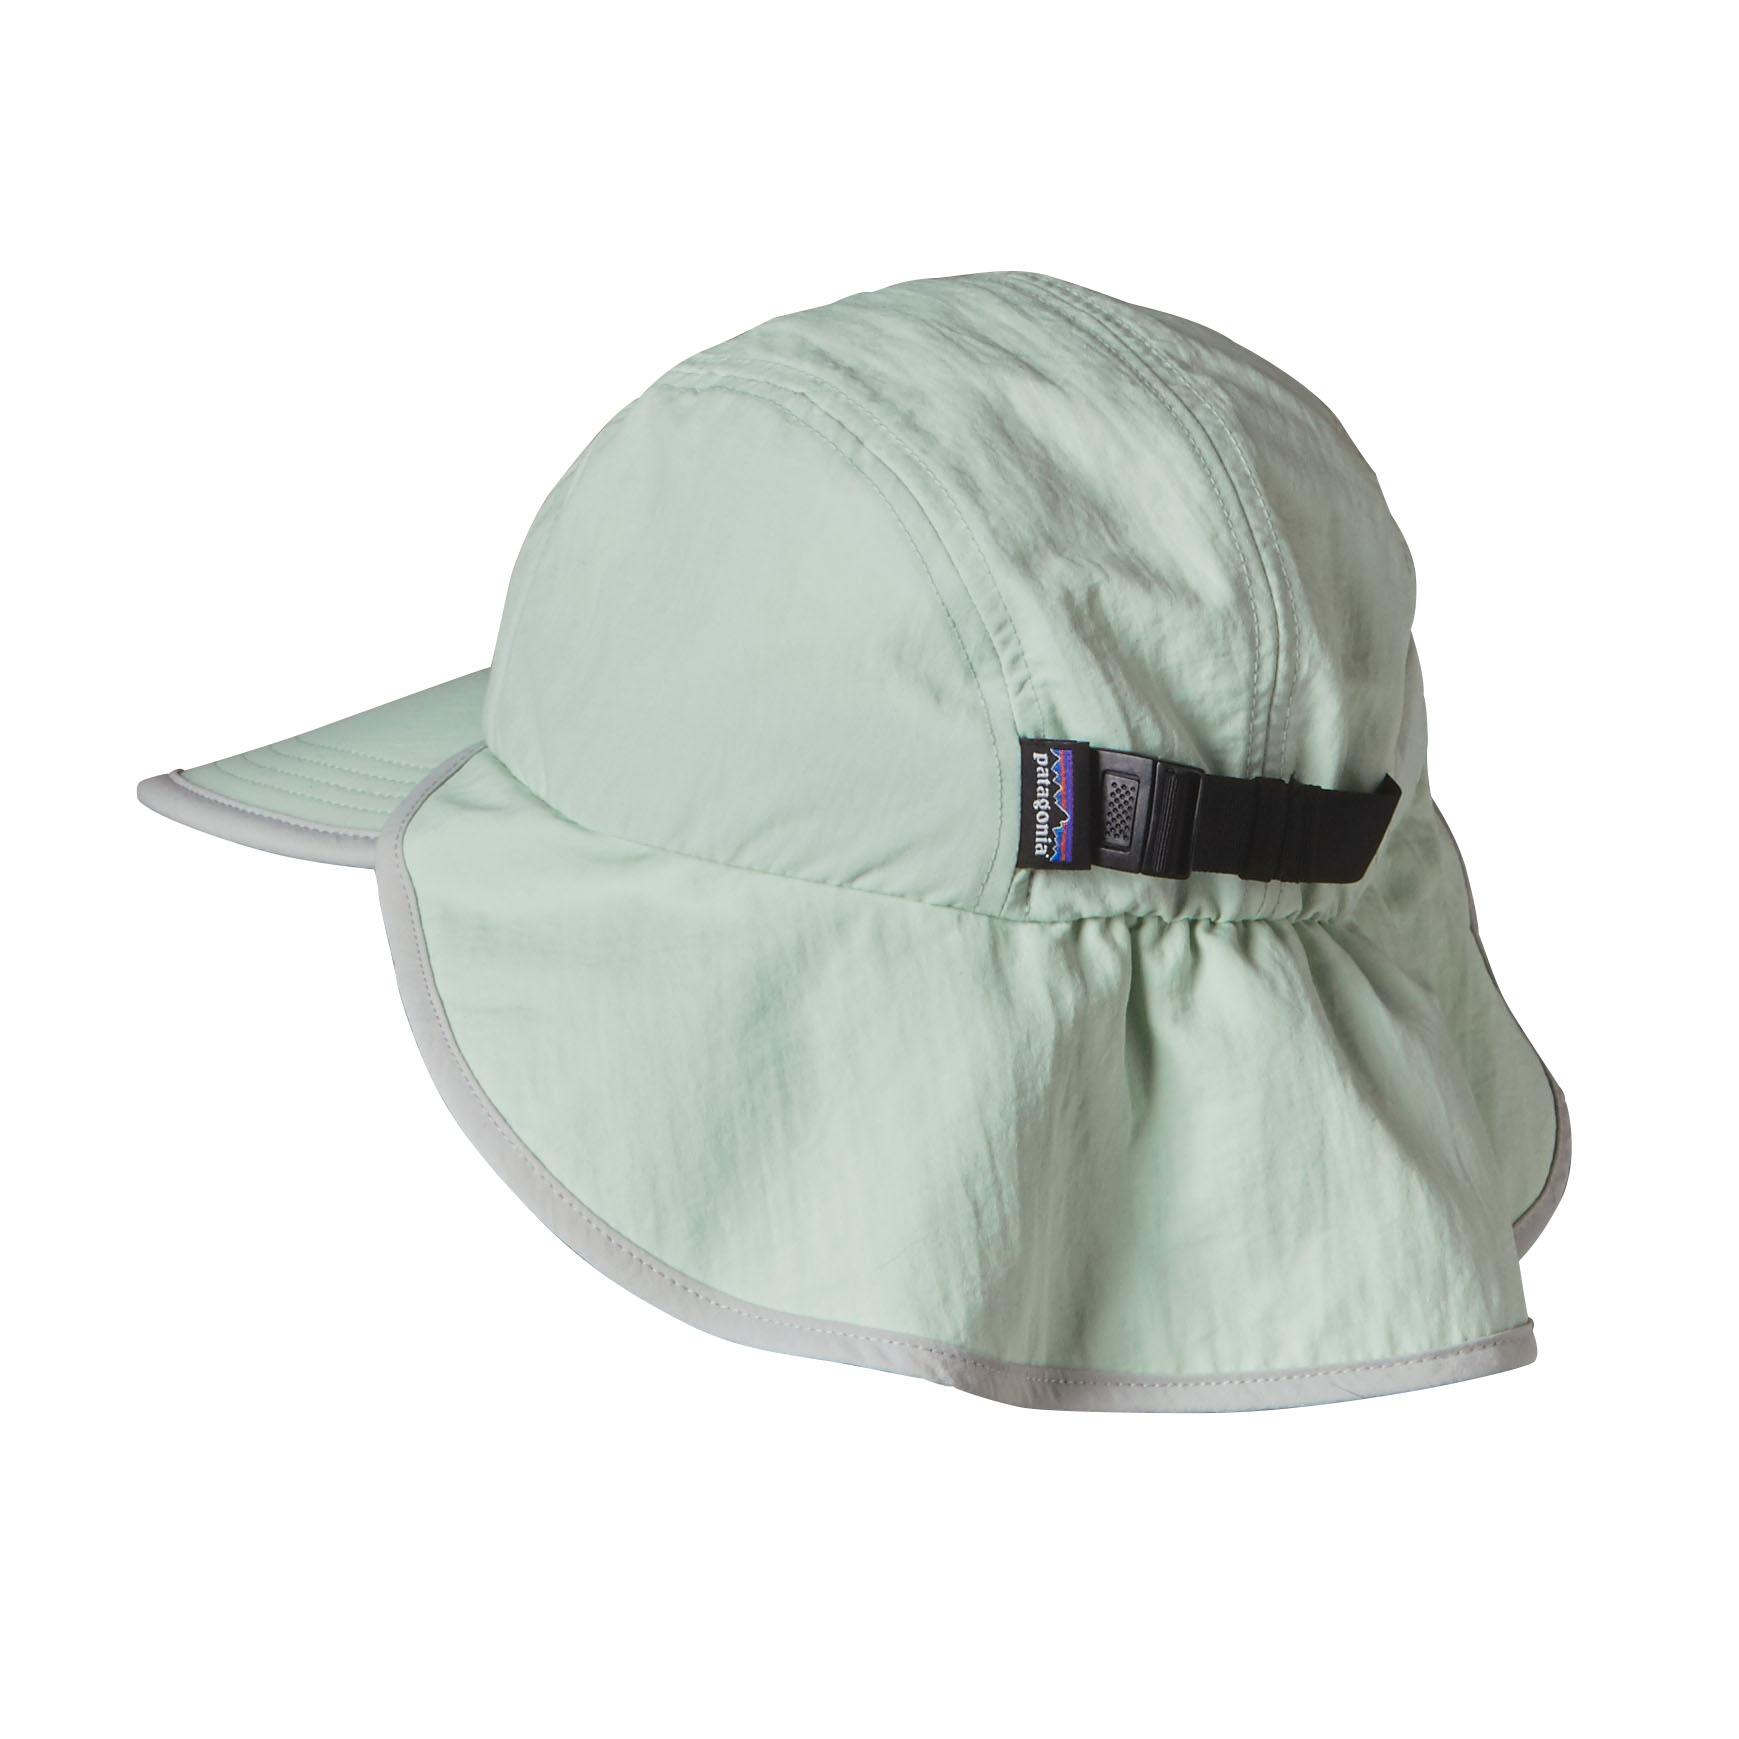 1b6326f327d Patagonia Spoonbill Cap